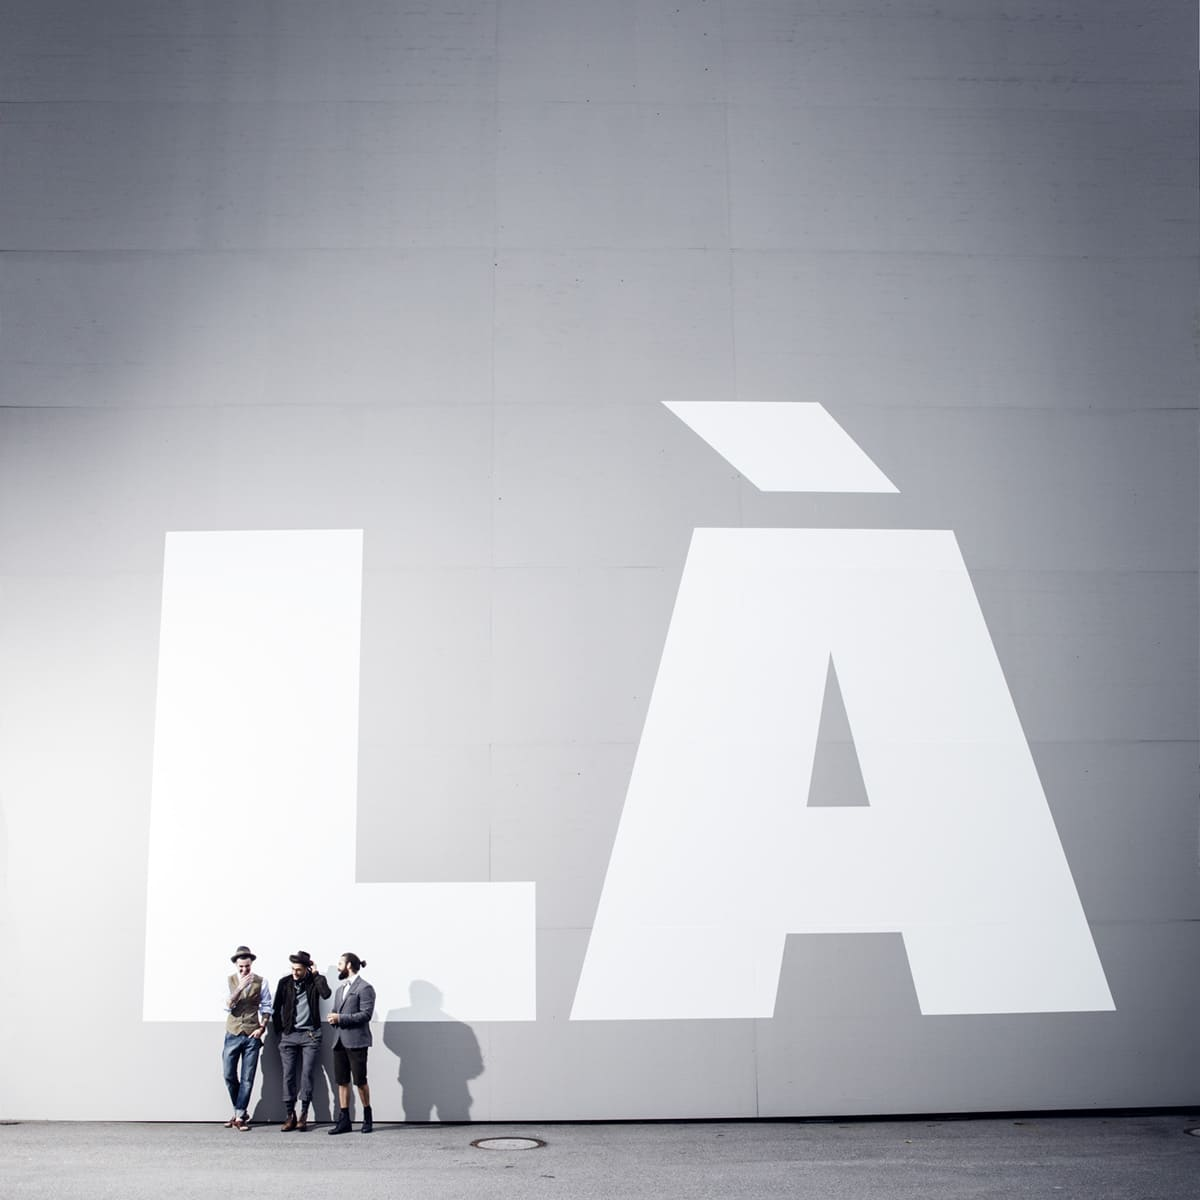 3 gestylte Männer vor LA Graffiti Weber und Weber